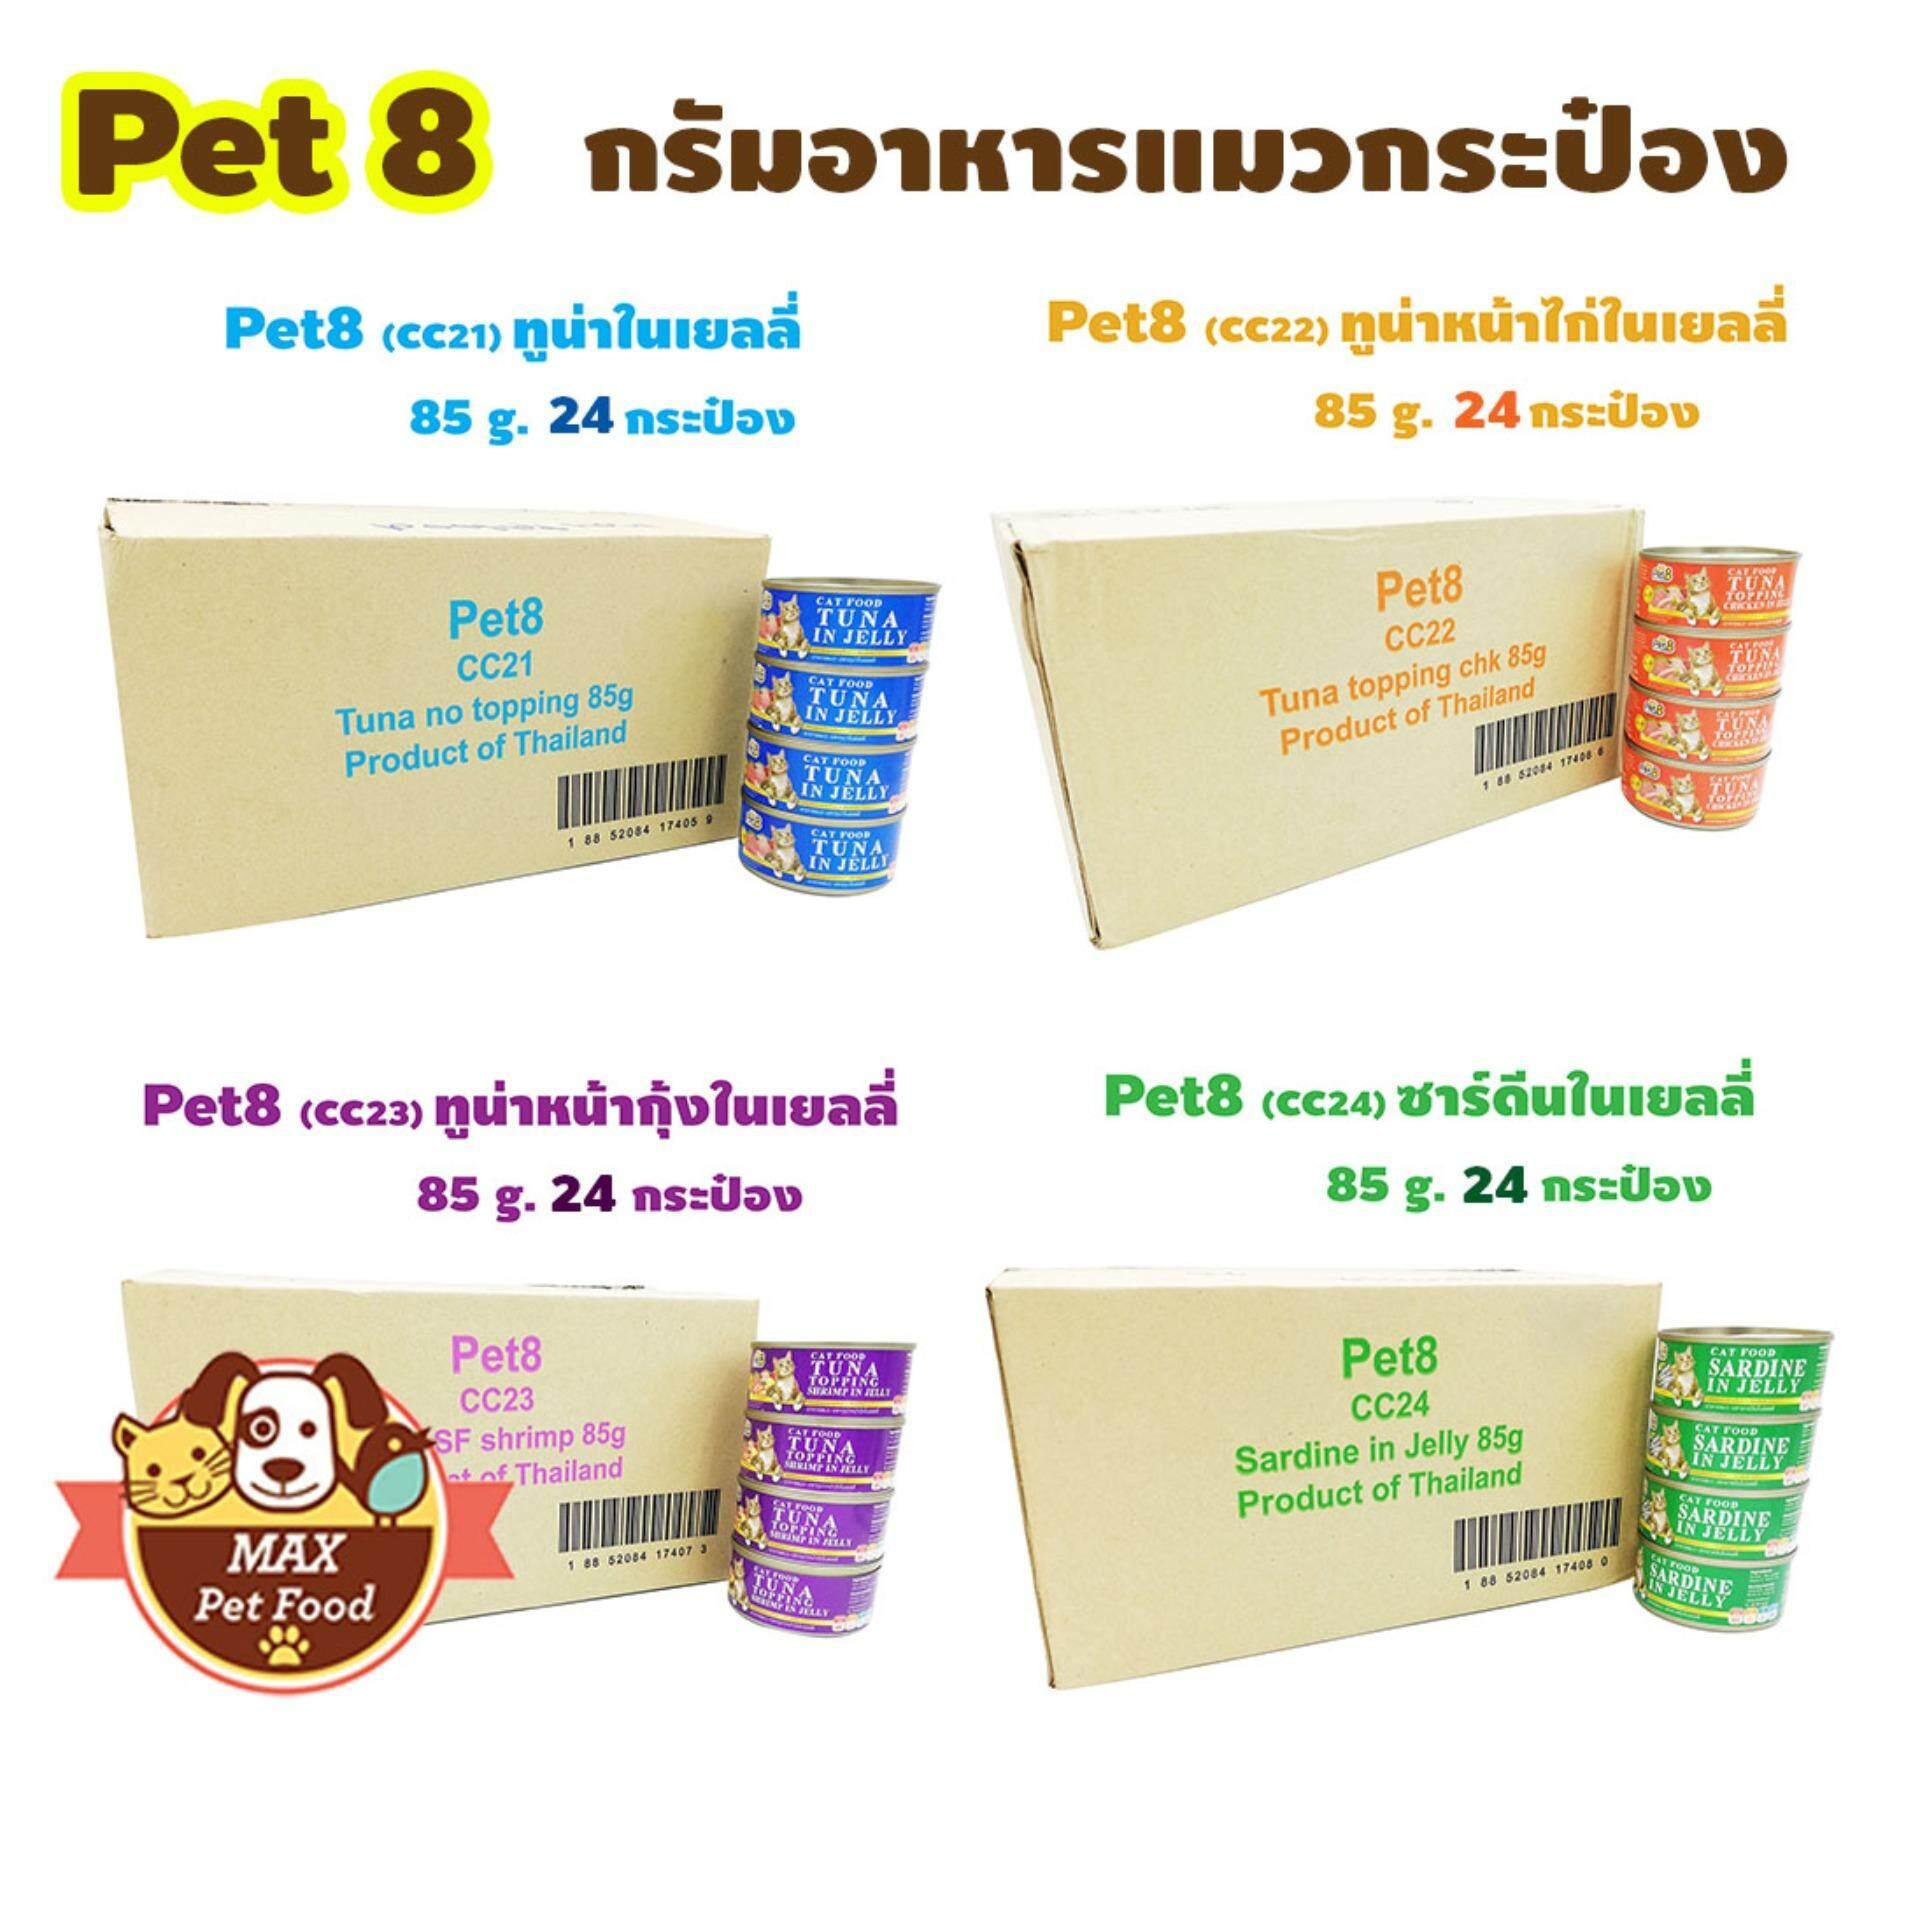 pet8 อาหารแมวประป๋อง 85g. ยกลัง 24กระป๋อง เลือกรสด้านใน